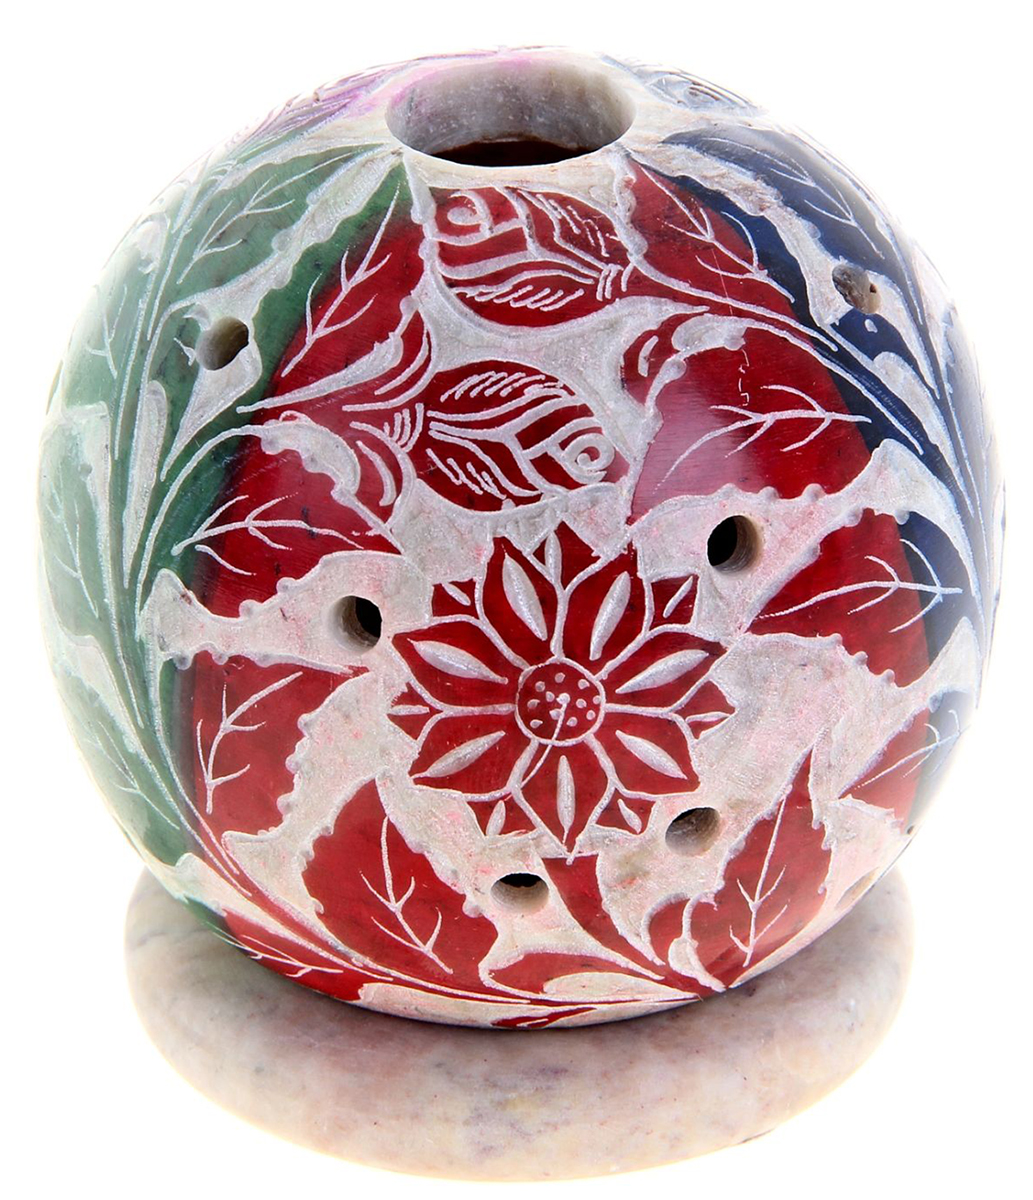 Подсвечник-шар Индийская весна, 7,5 х 7,5 х 8 см866722Искусные индийские мастера выполнили Подсвечник-шар Индийская весна из стеатита в соответствии с древними традициями обработки камня. Посмотрите на узор этого прекрасного изделия, от него невозможно оторвать свой взгляд, проработано все до мельчайших деталей. Вы также можете вставить в серединку ароматическую палочку, а если снять шар, то изумительный подсвечник легким движением руки превратится в подставку под благовония-конус или же подсвечник для толстых свечей. Универсальная вещь, которая придаст нотку азиатской экзотики в привычную обстановку.